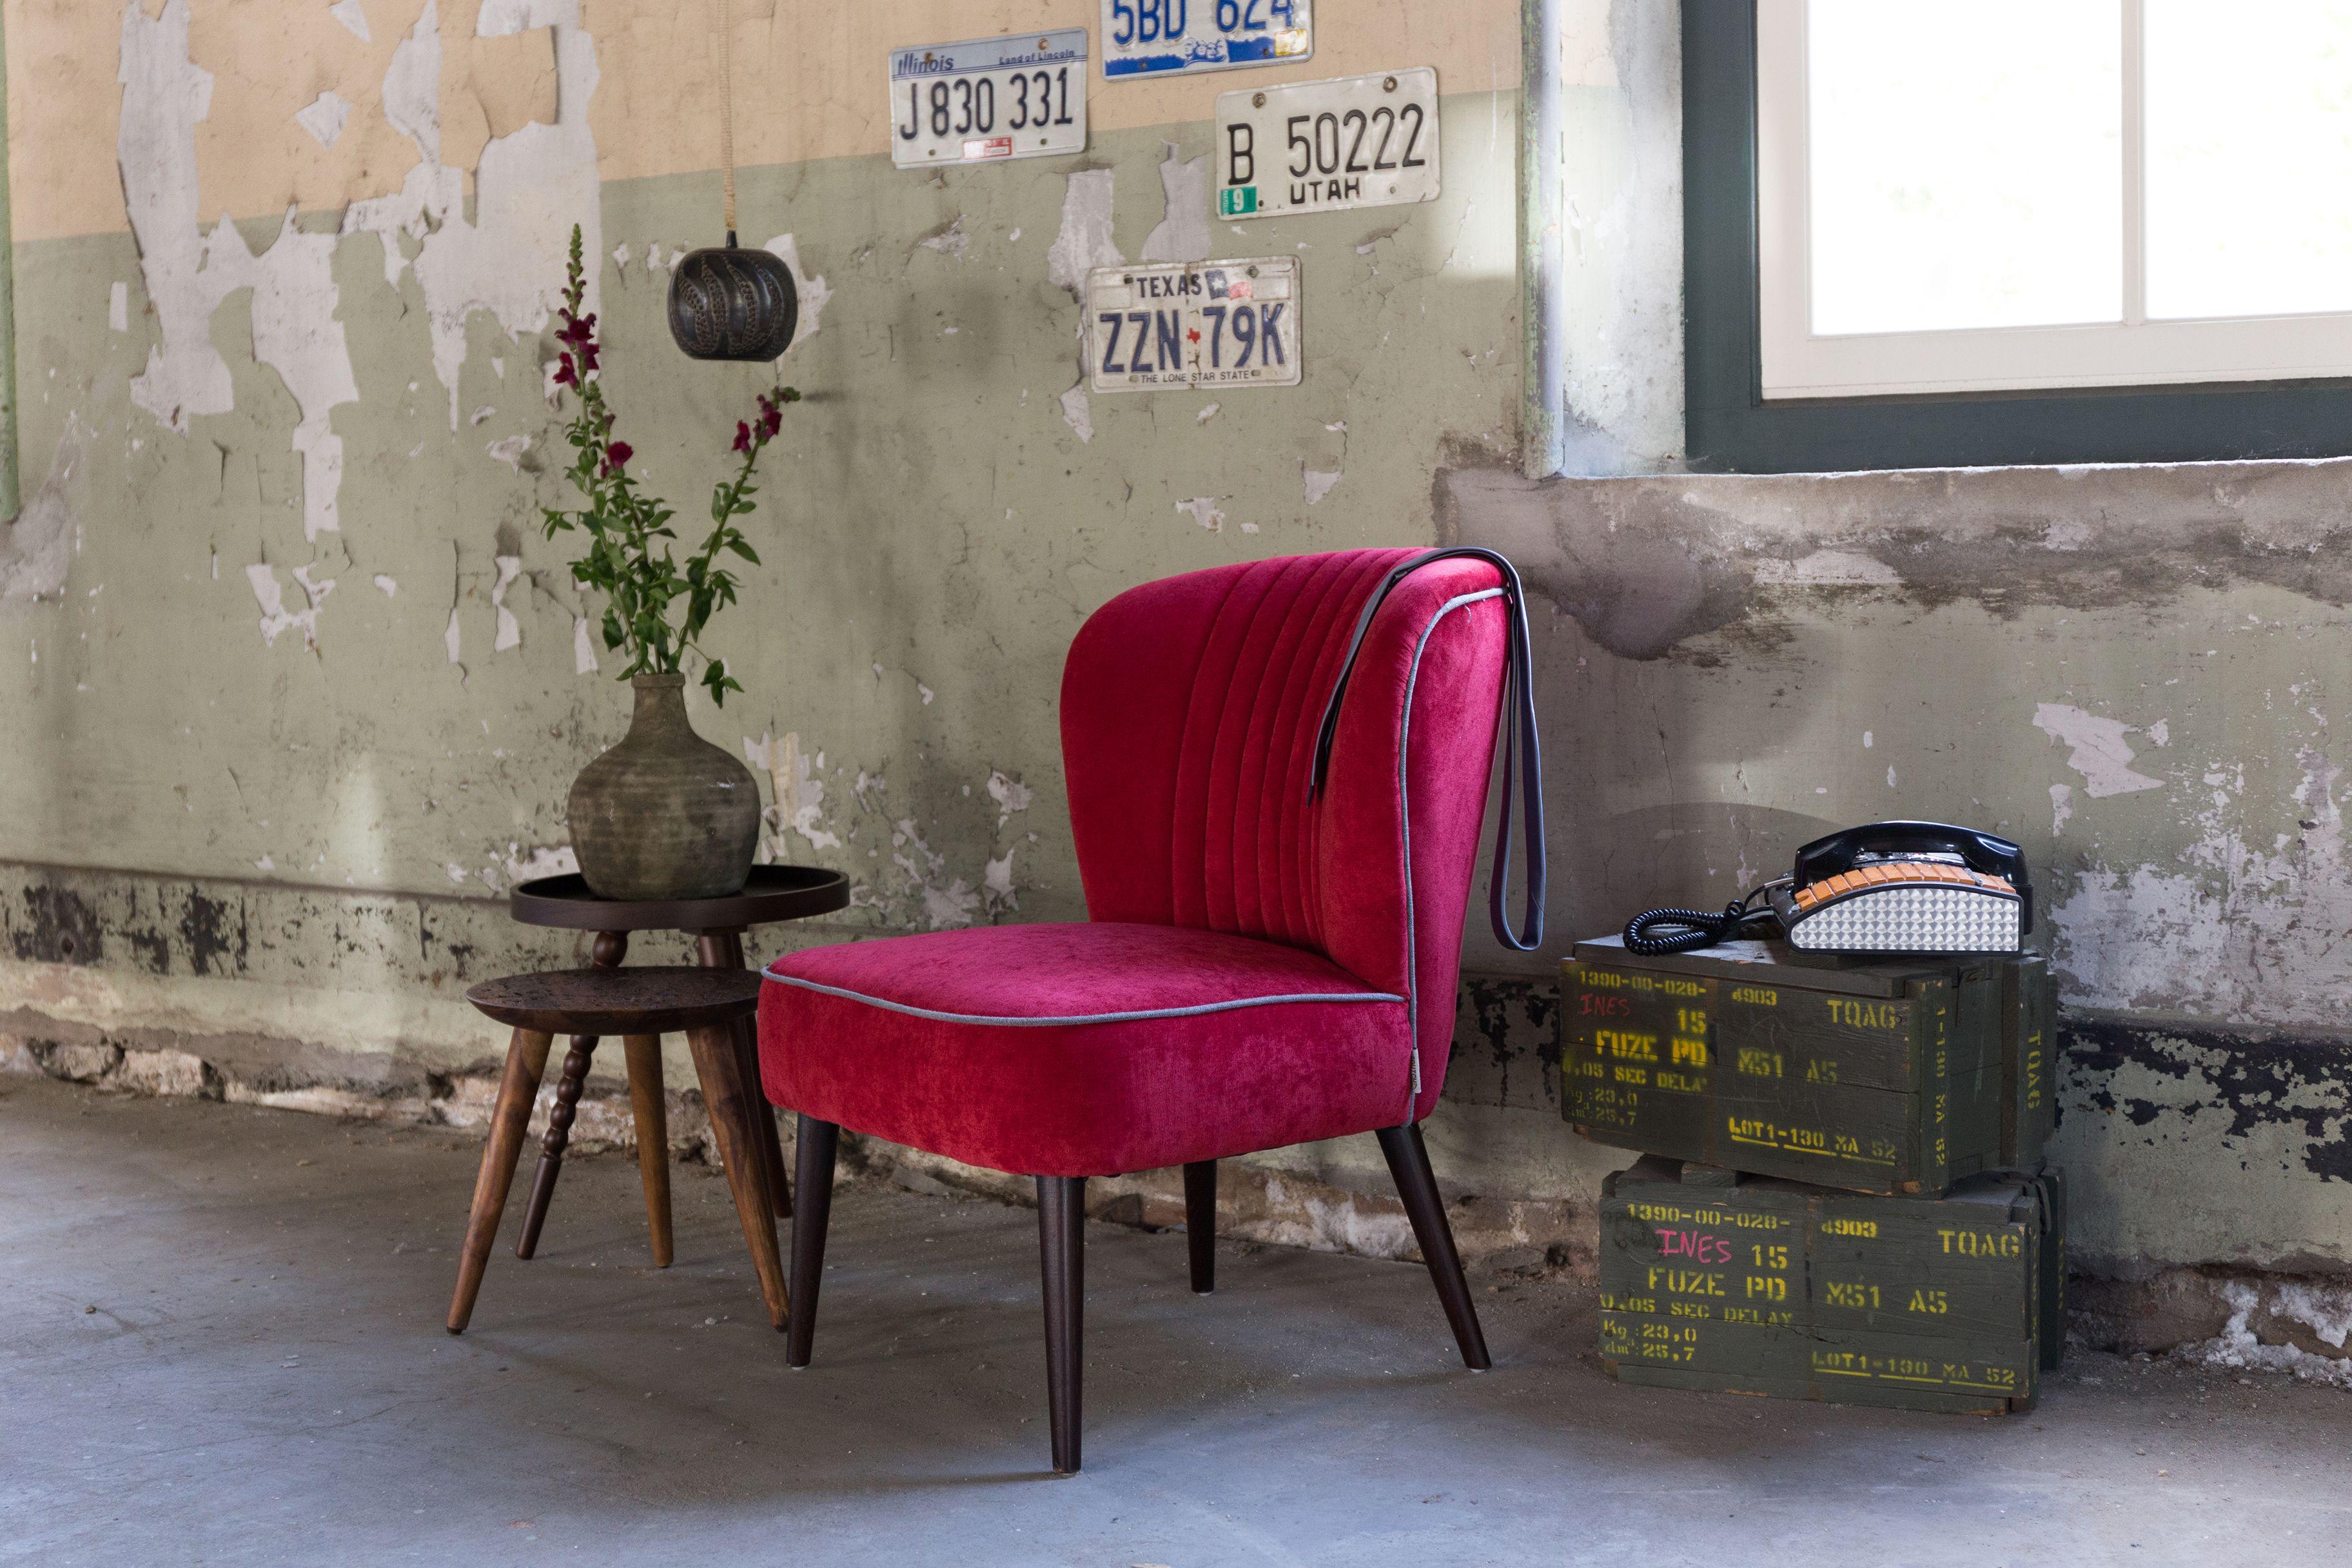 Super Smoker Lounge Chair In 2019 Living Room Dutchbone Inzonedesignstudio Interior Chair Design Inzonedesignstudiocom